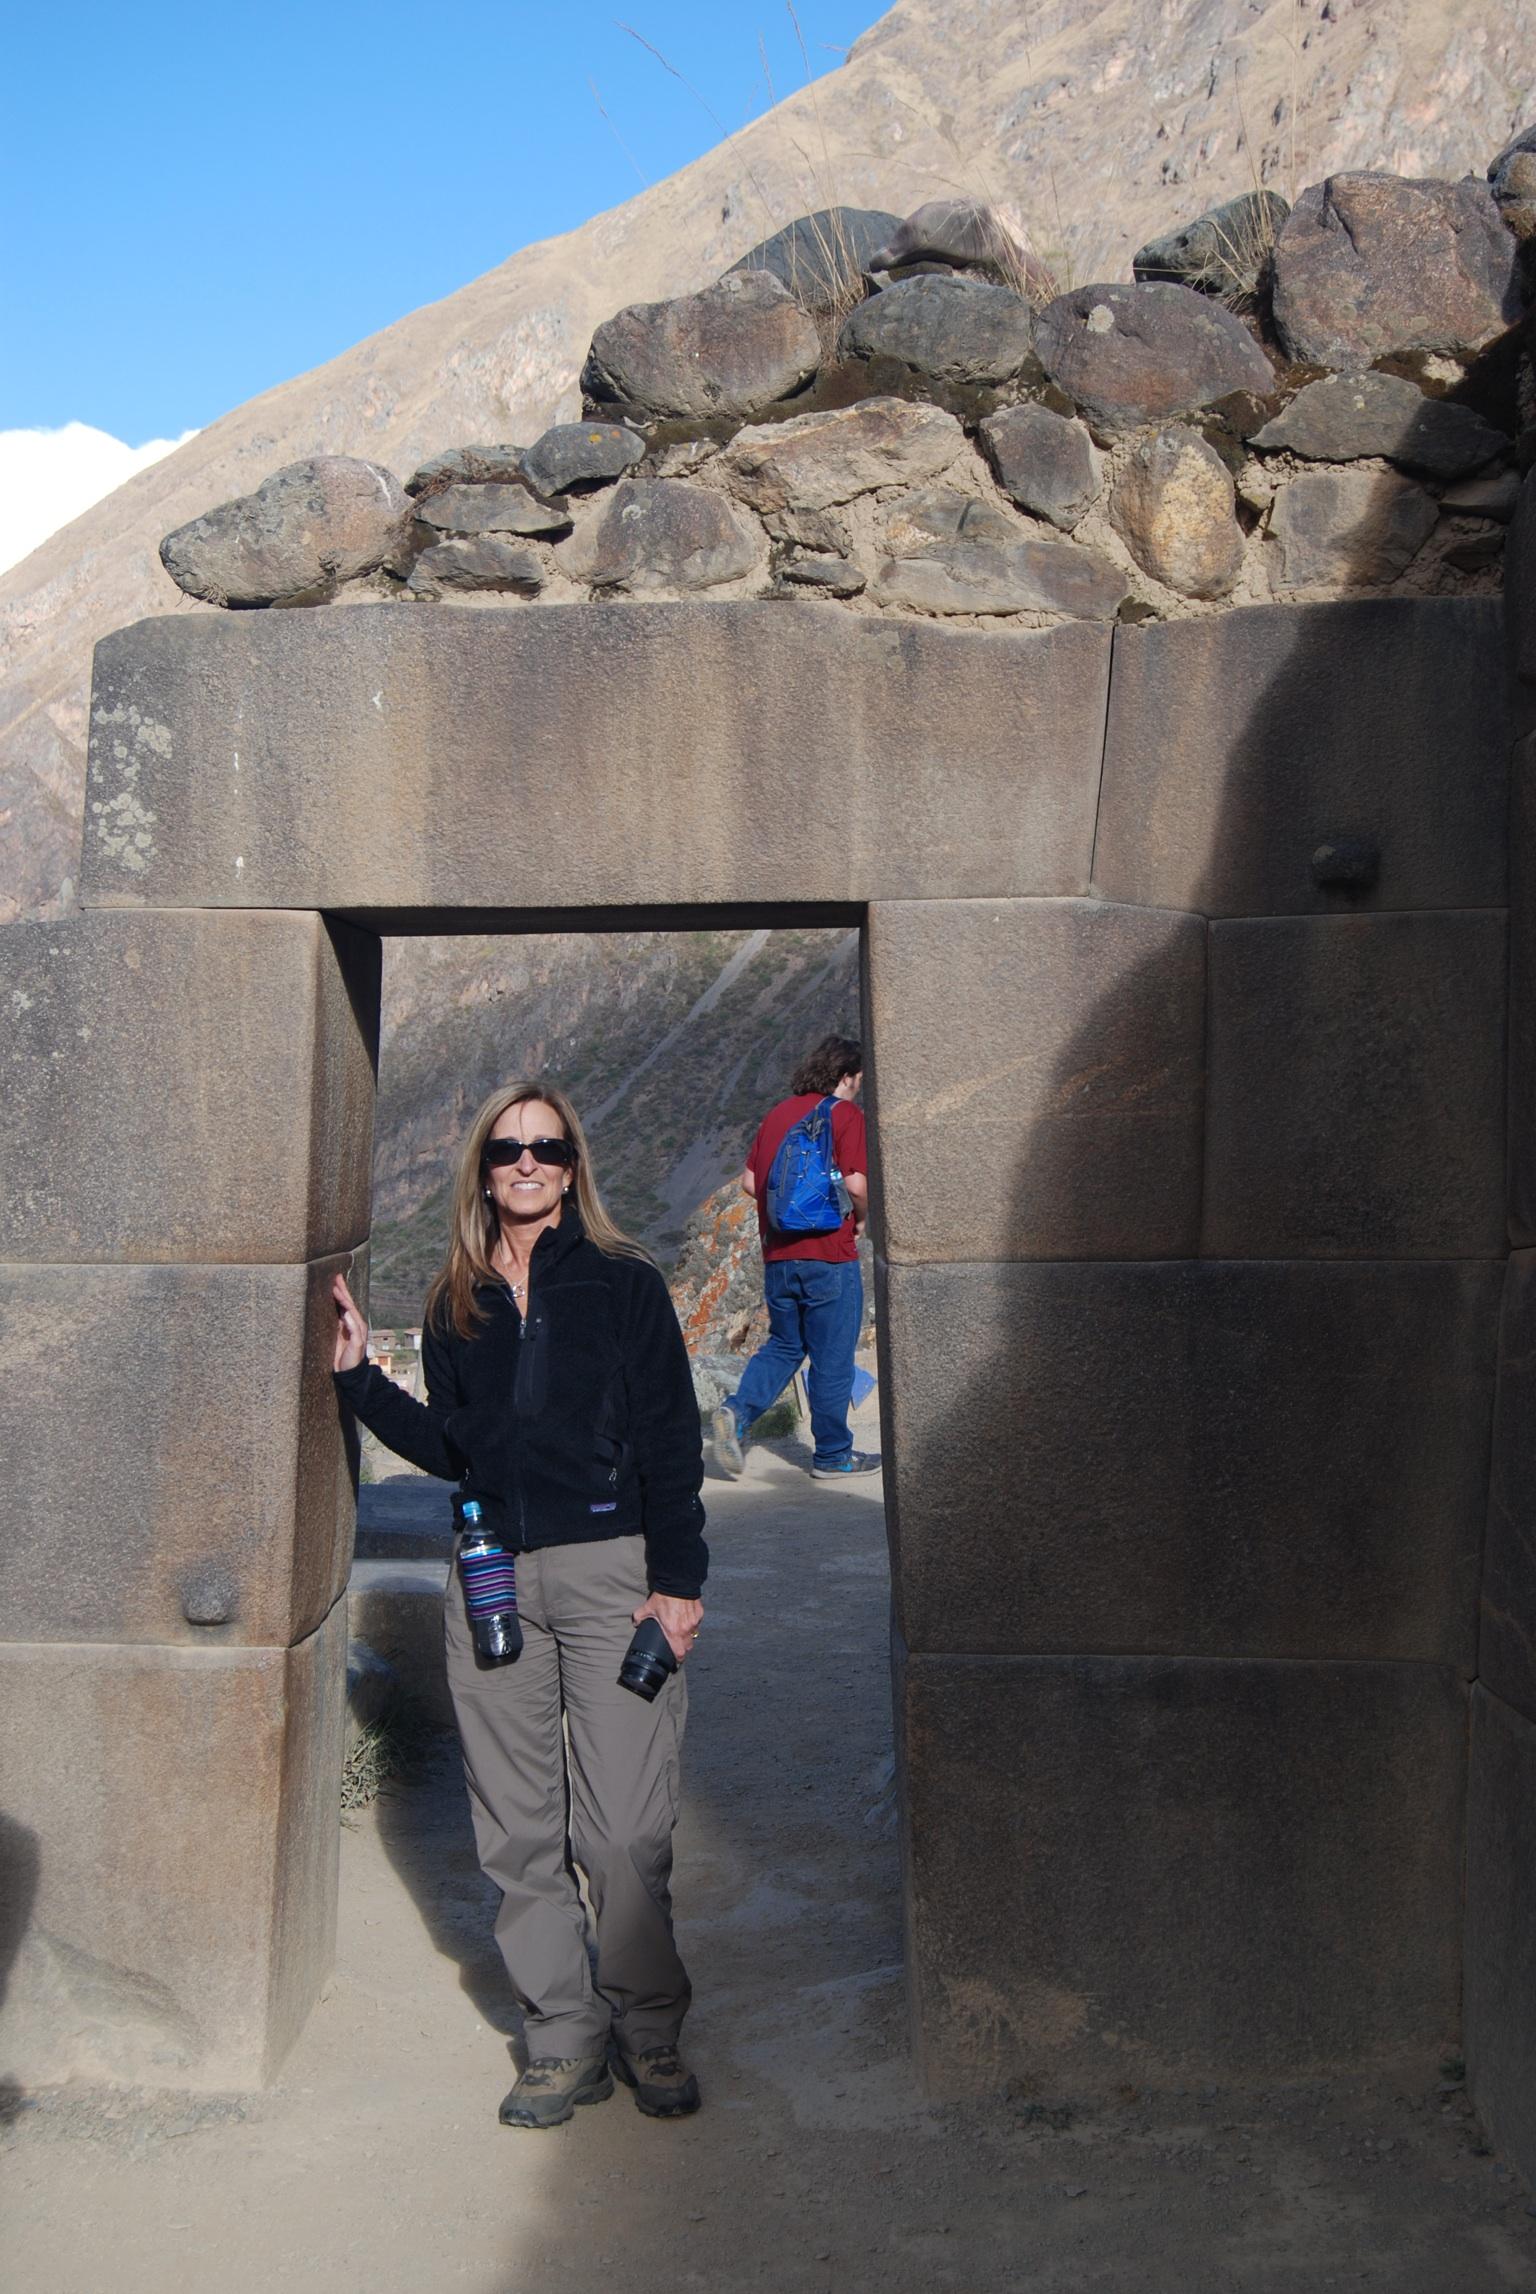 Inkan Ruins, Peru